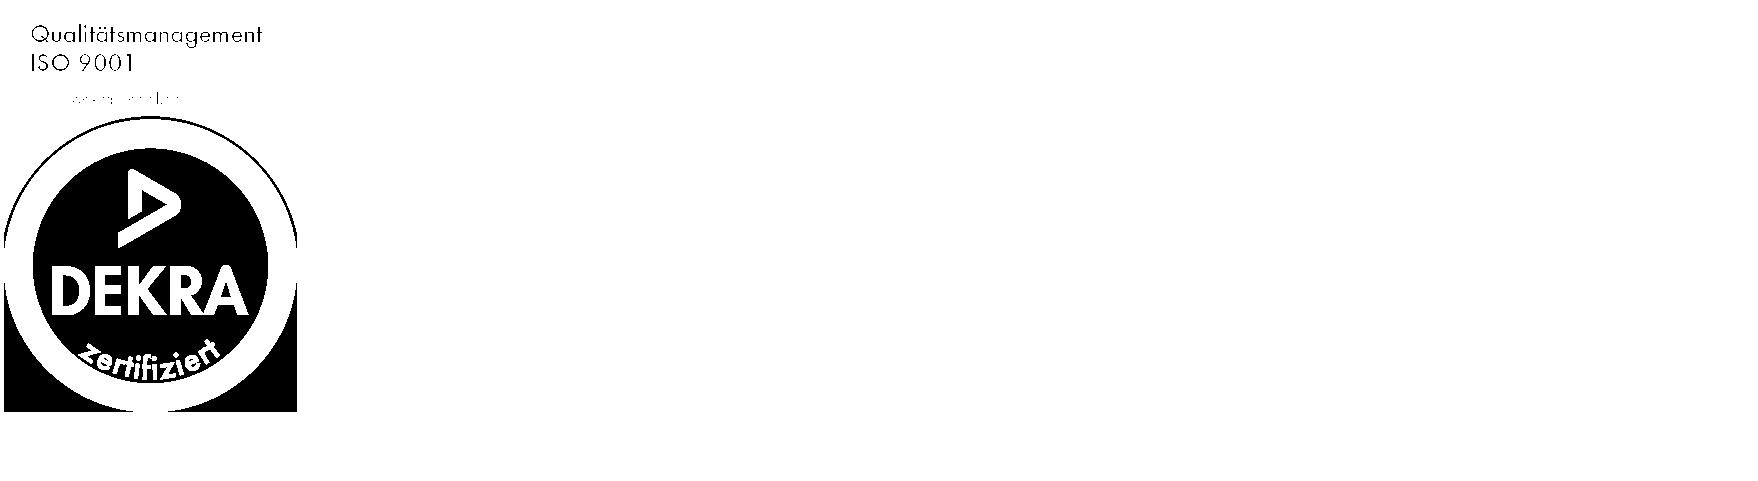 dekra_zertifizierung10